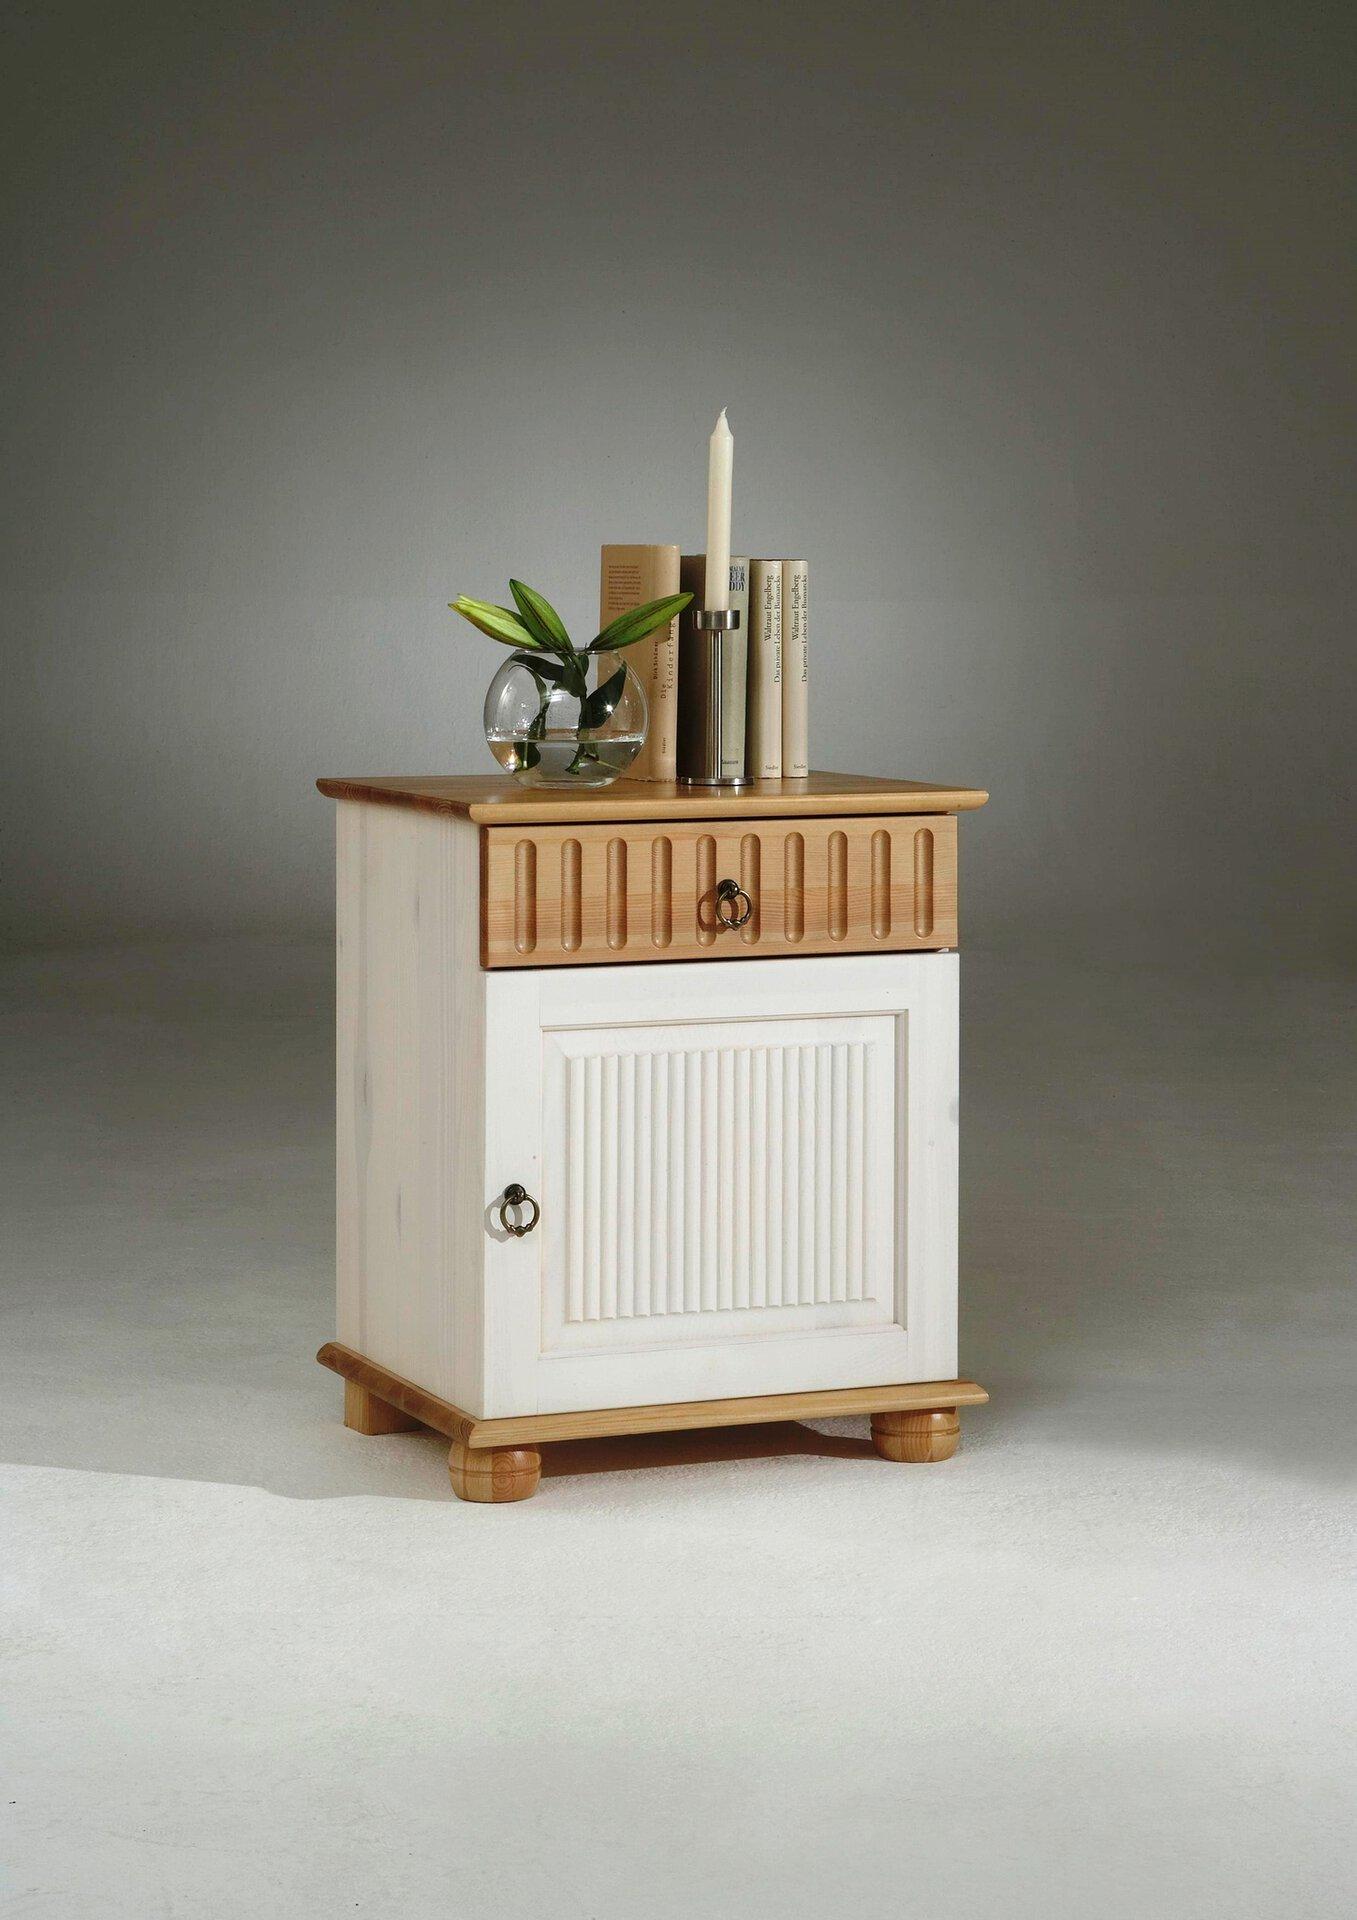 Nachttisch HELSINKI Dreamoro Holz 1 x